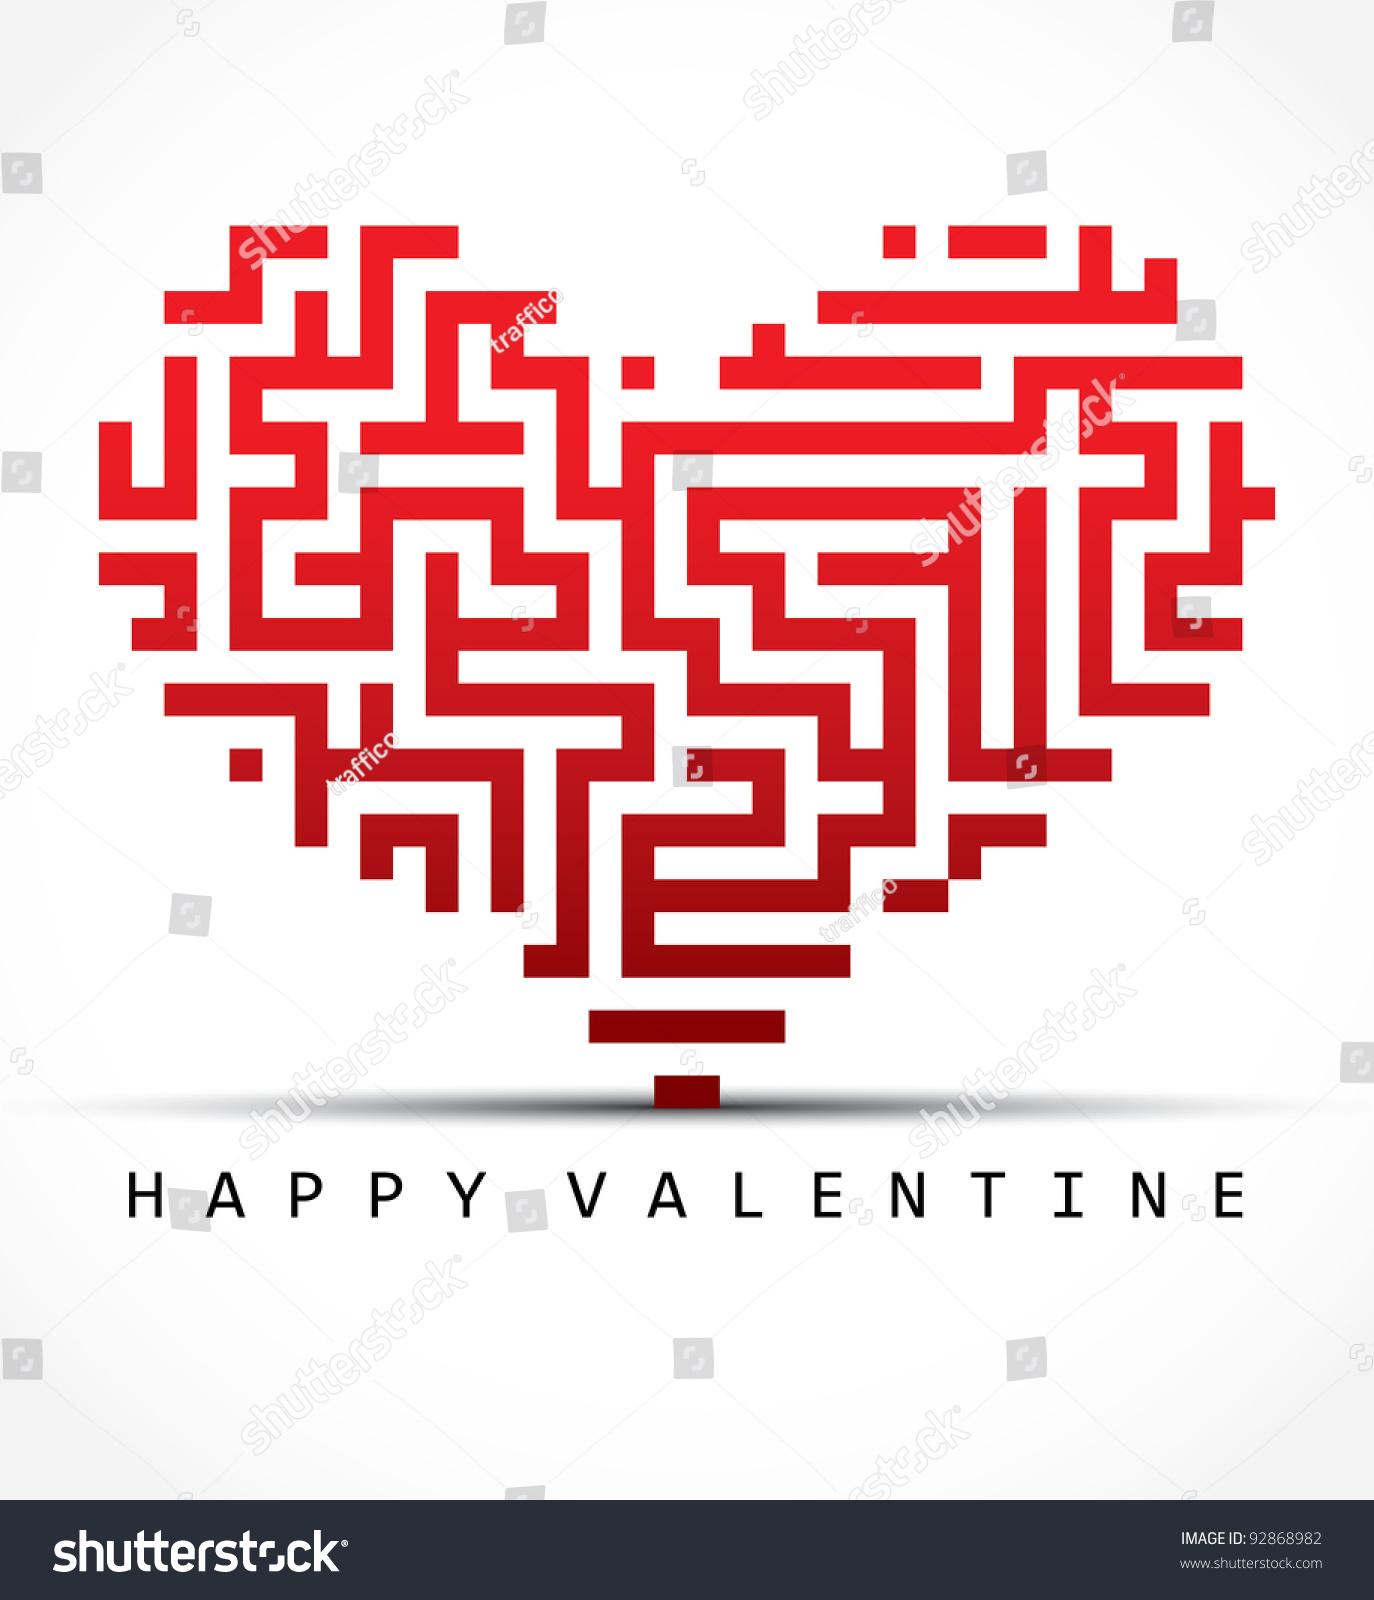 Worksheet Valentine Maze